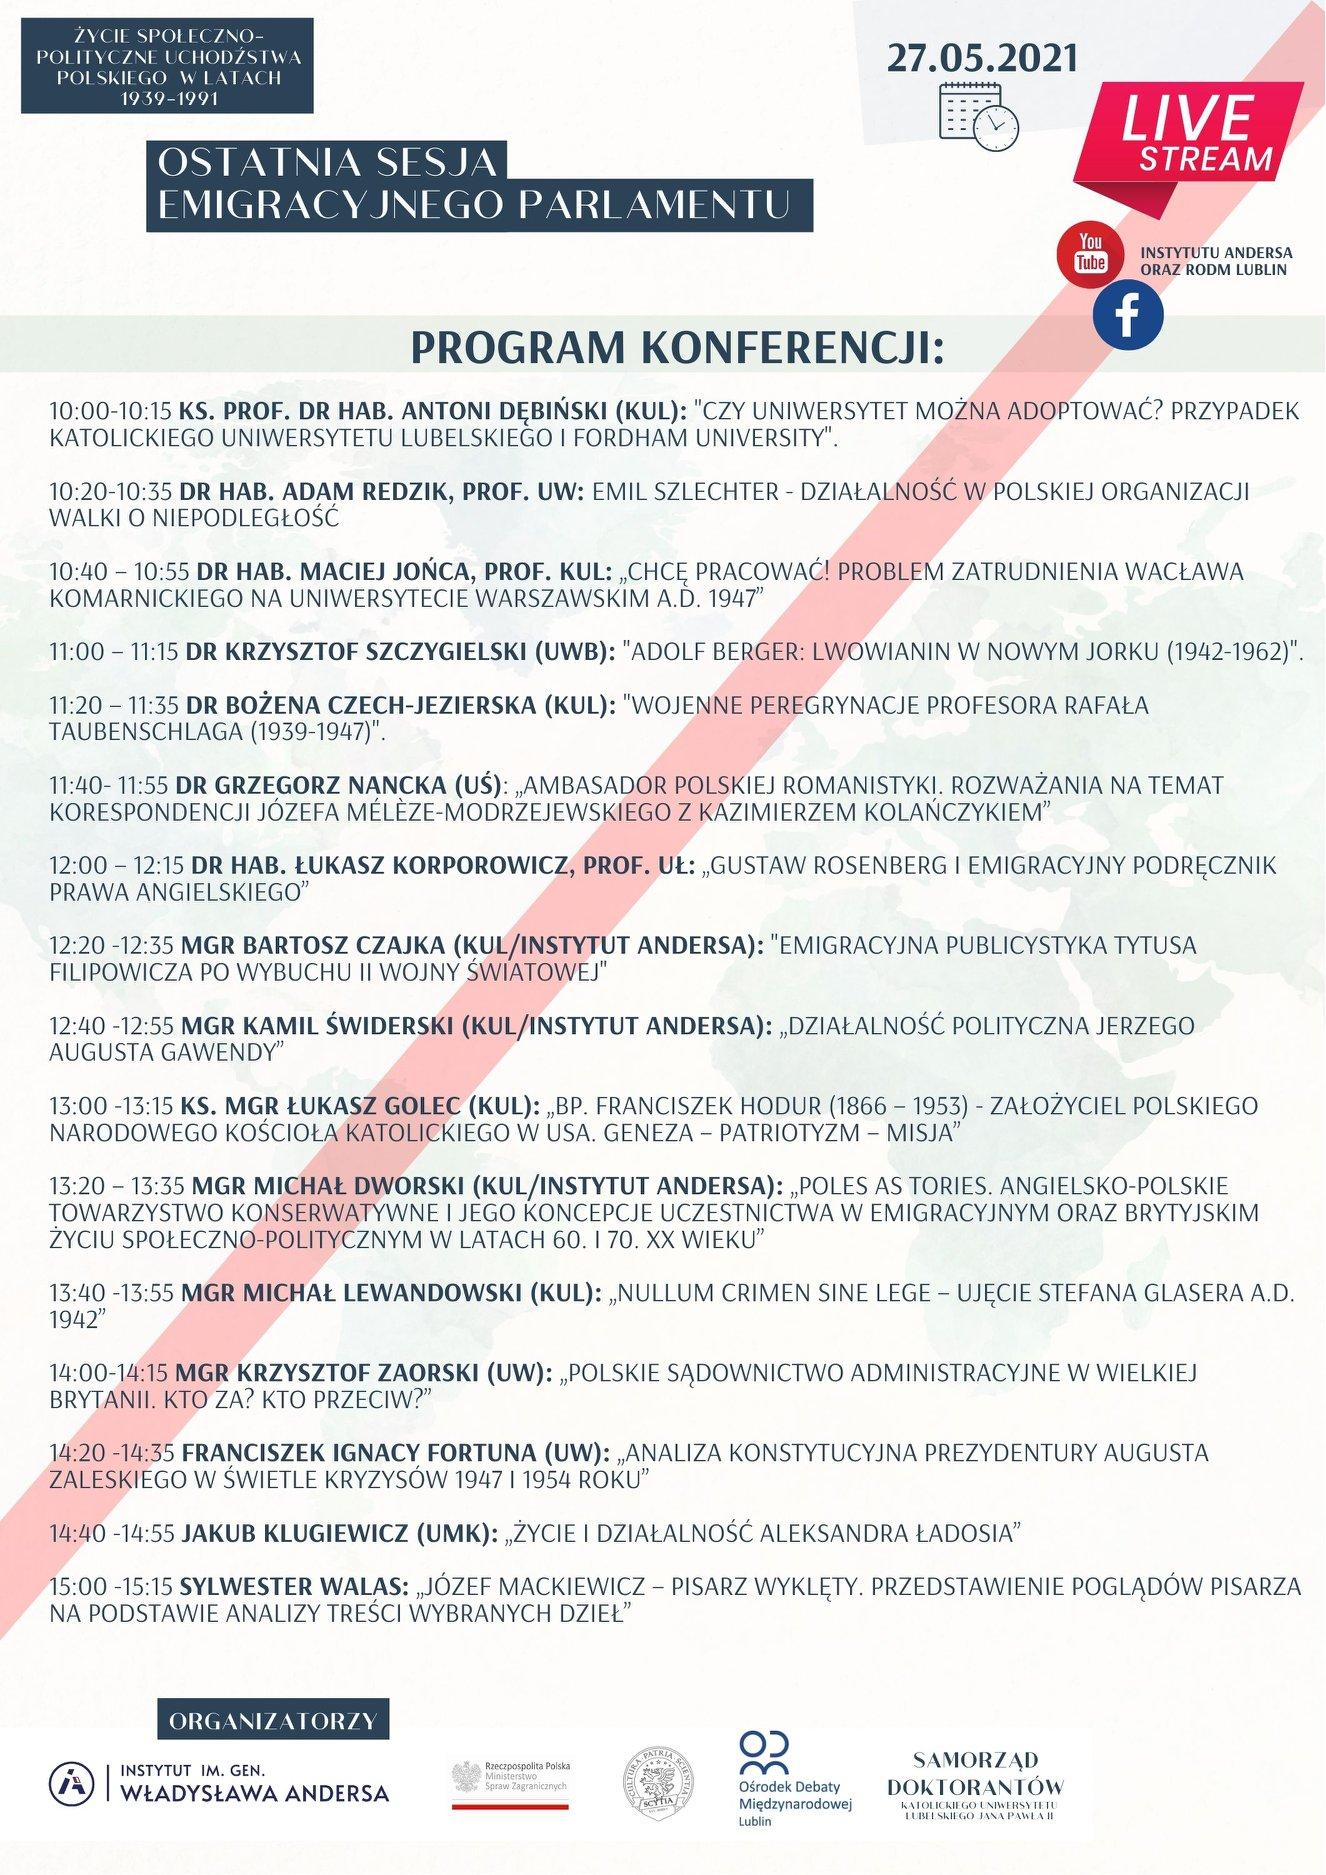 """Konferencja naukowa: """"Życie społeczno-polityczne uchodźstwa polskiego w latach 1939-1991"""""""